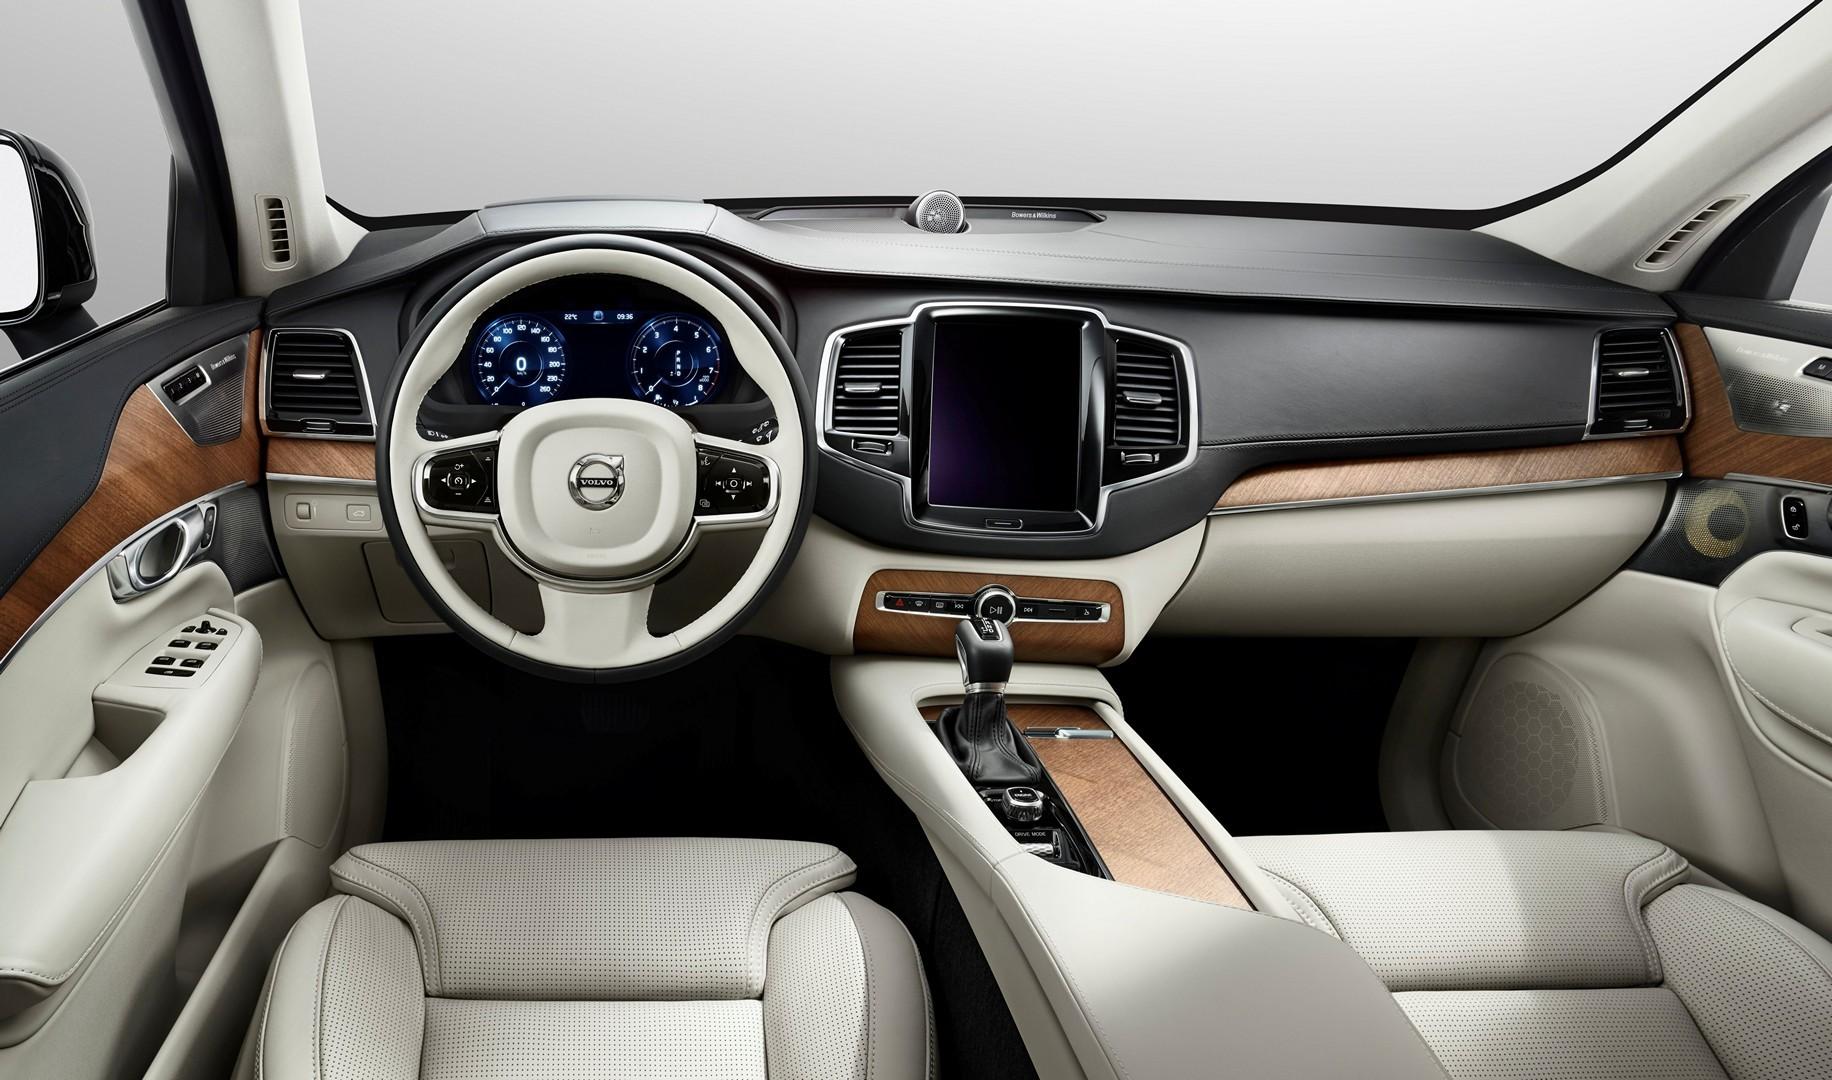 Опубликованы первые изображения интерьера нового Volvo XC90